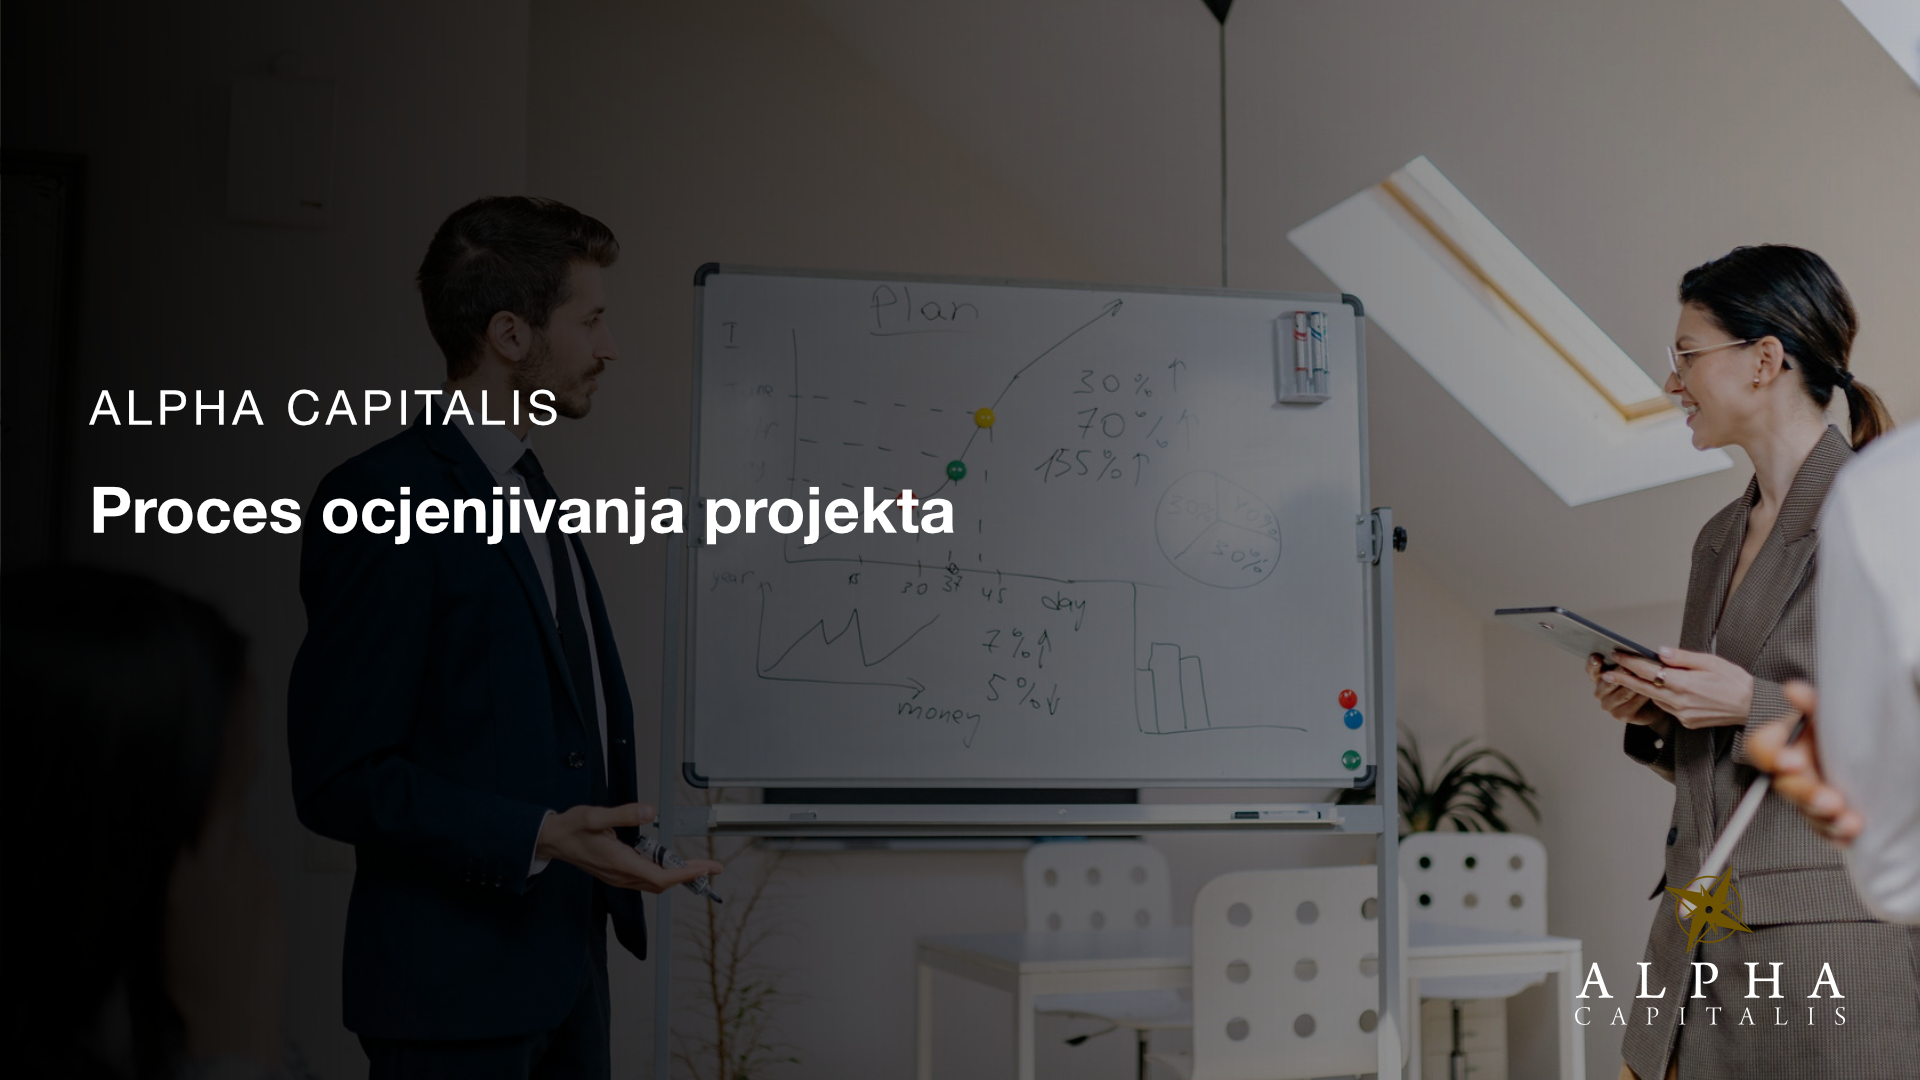 Alpha capitalis Proces ocjenjivanja projekta